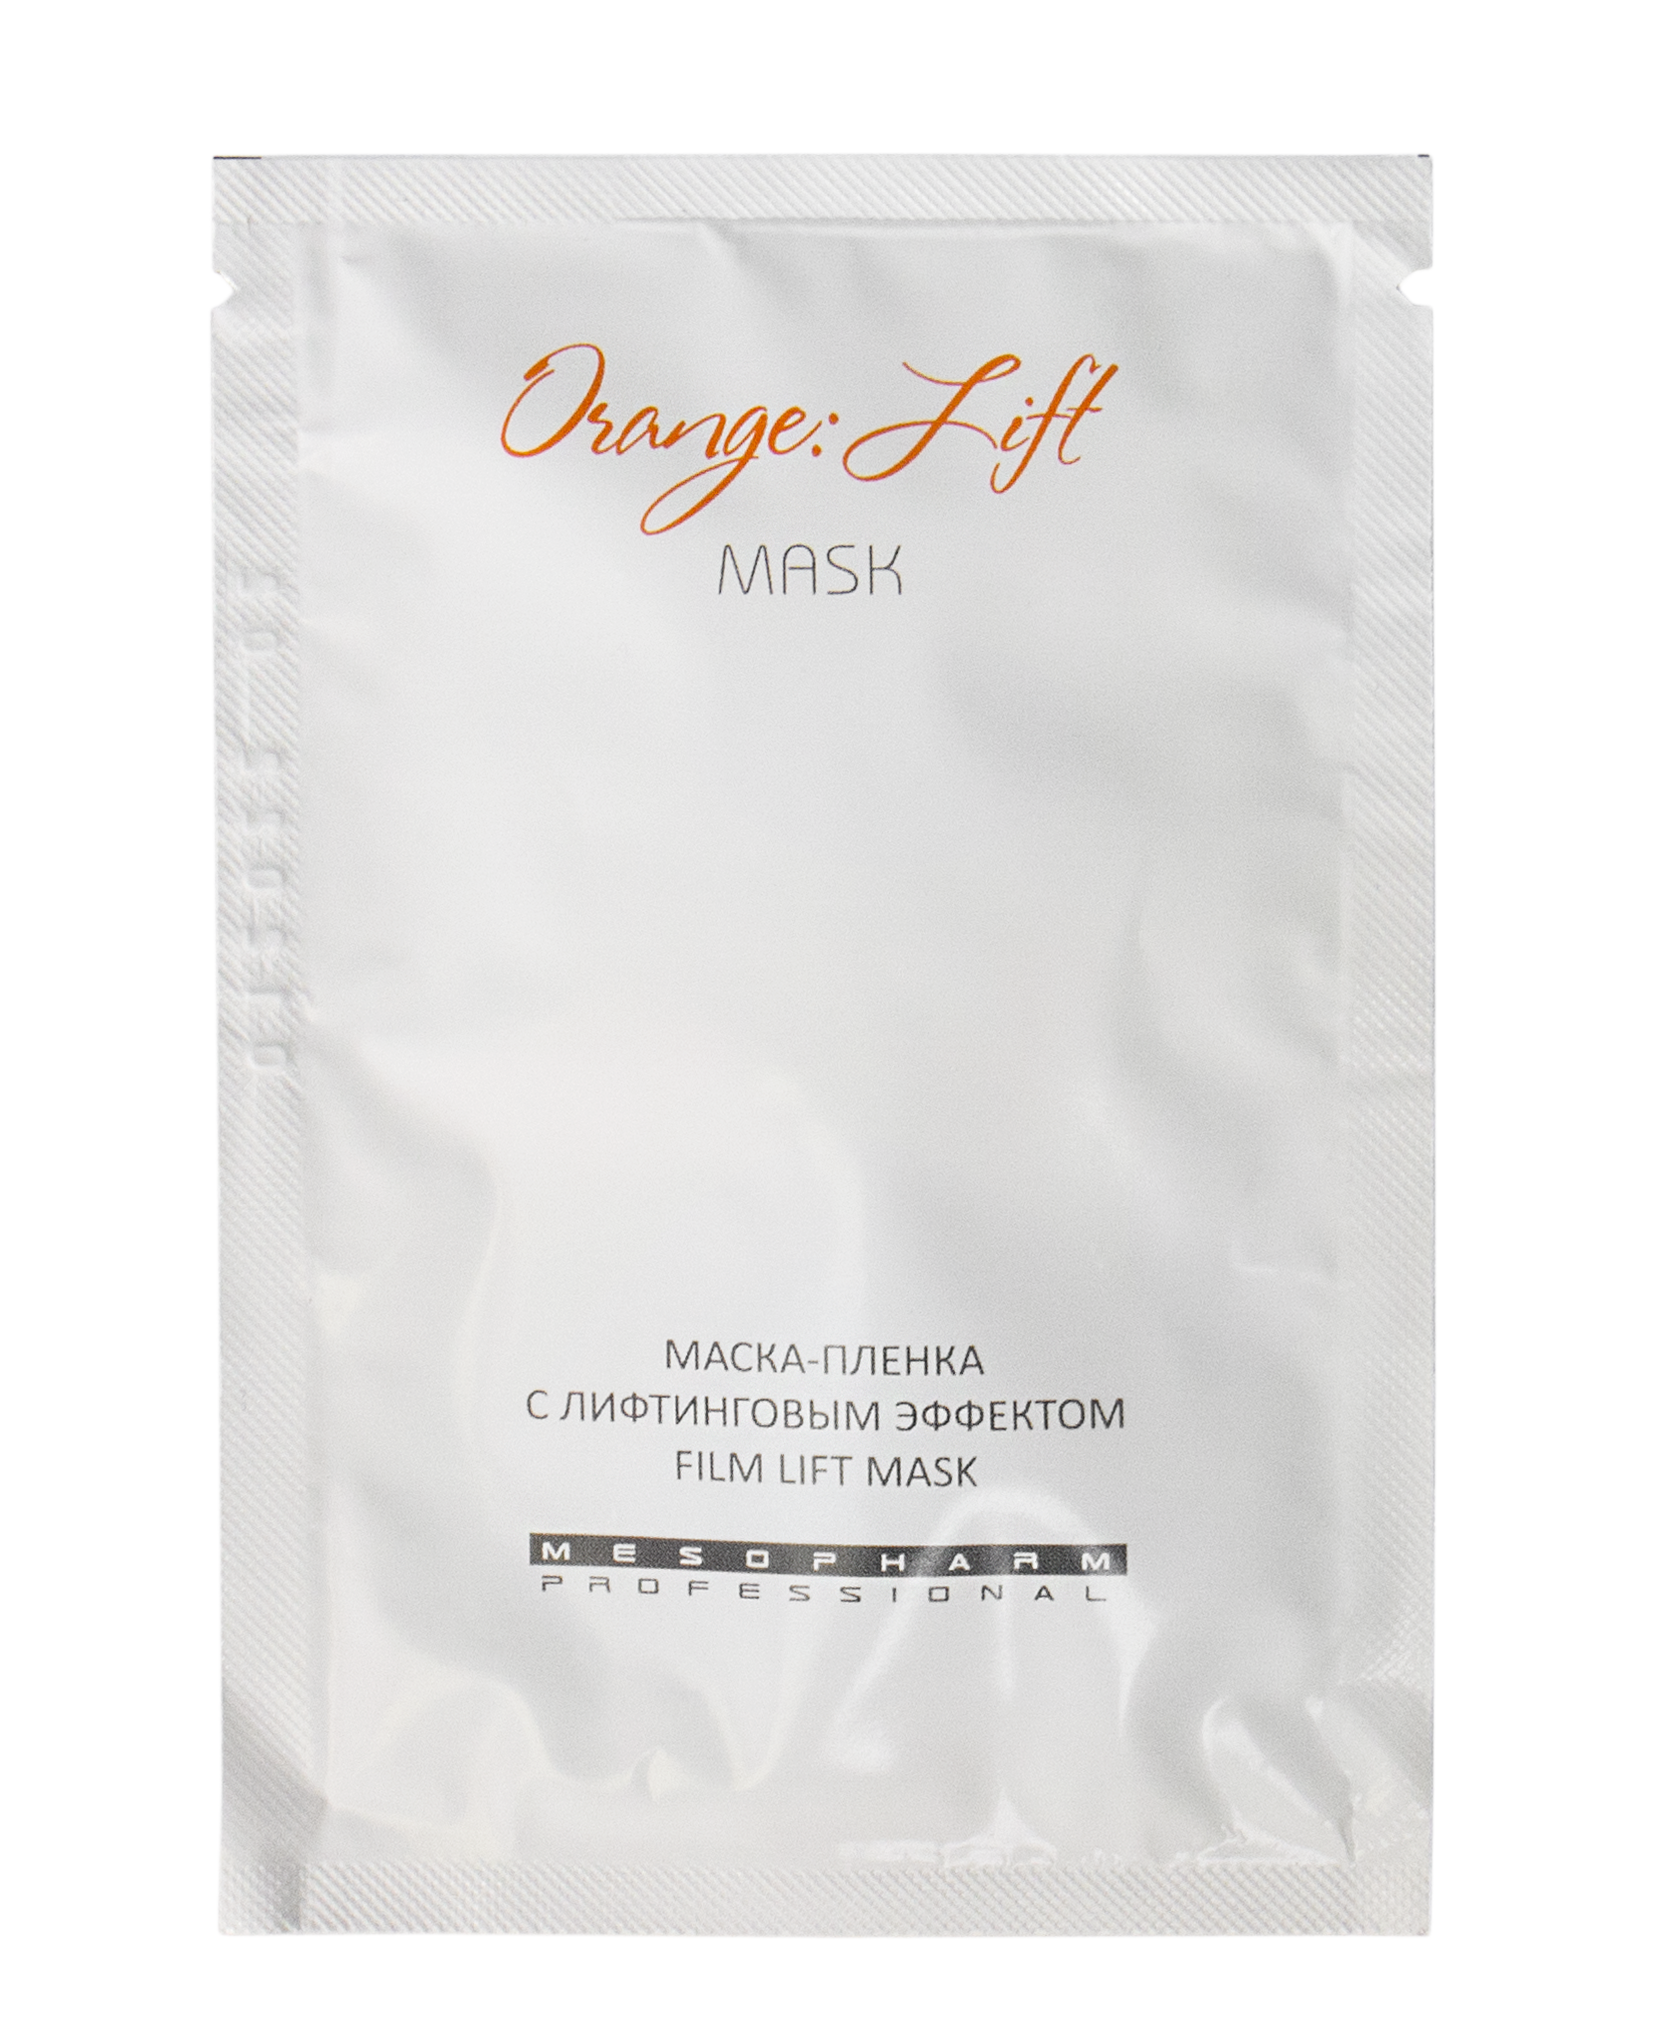 MESOPHARM PROFESSIONAL Маска-пленка с лифтинговым эффектом для лица / ORANGE LIFT MASK 15 г фото